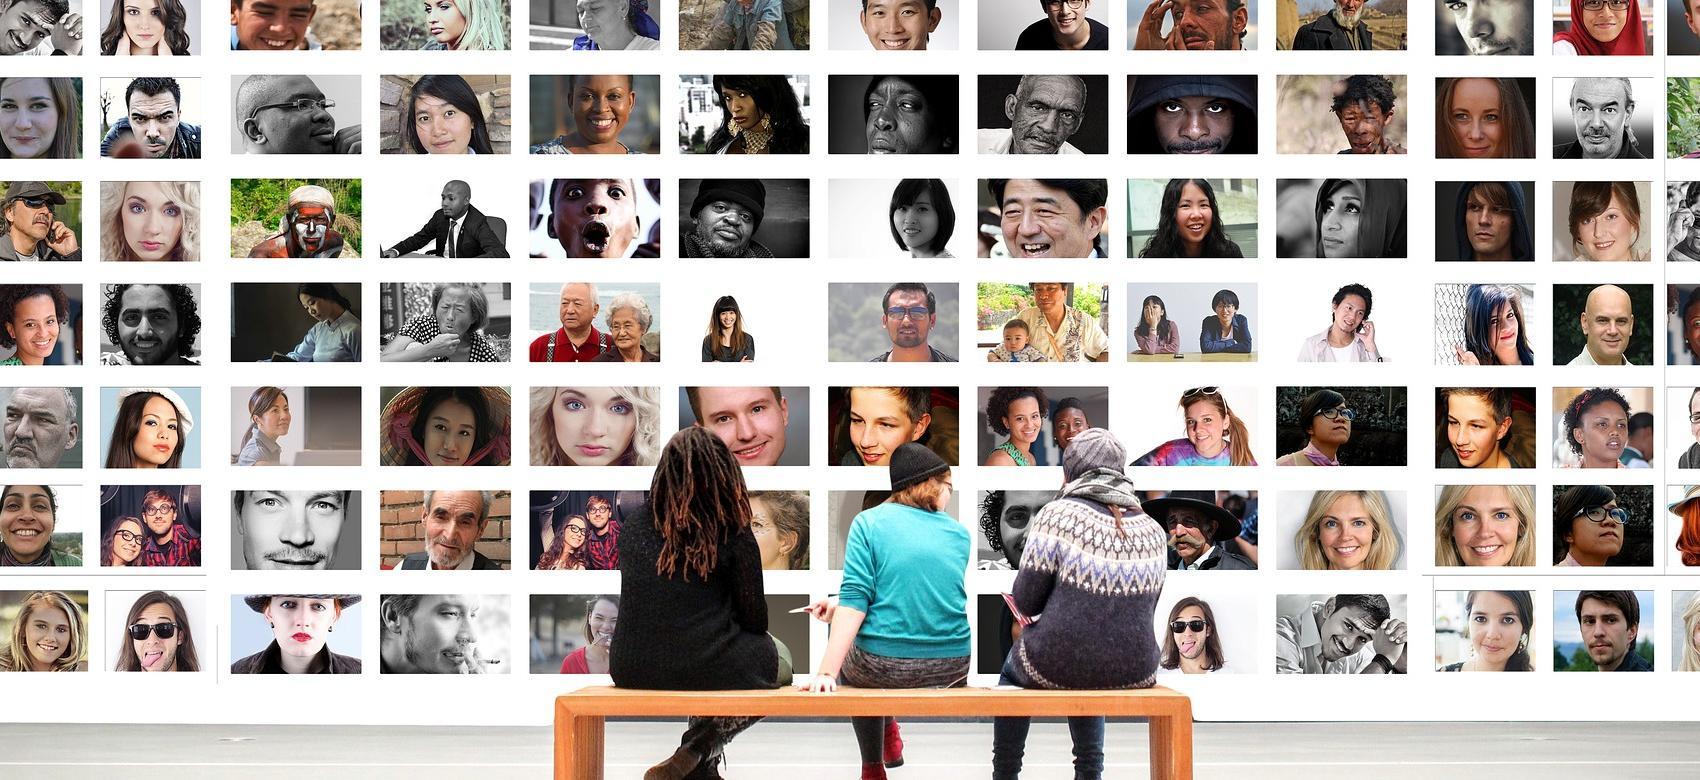 Jóvenes sentados mirando un panel con muchos rostros difernetes